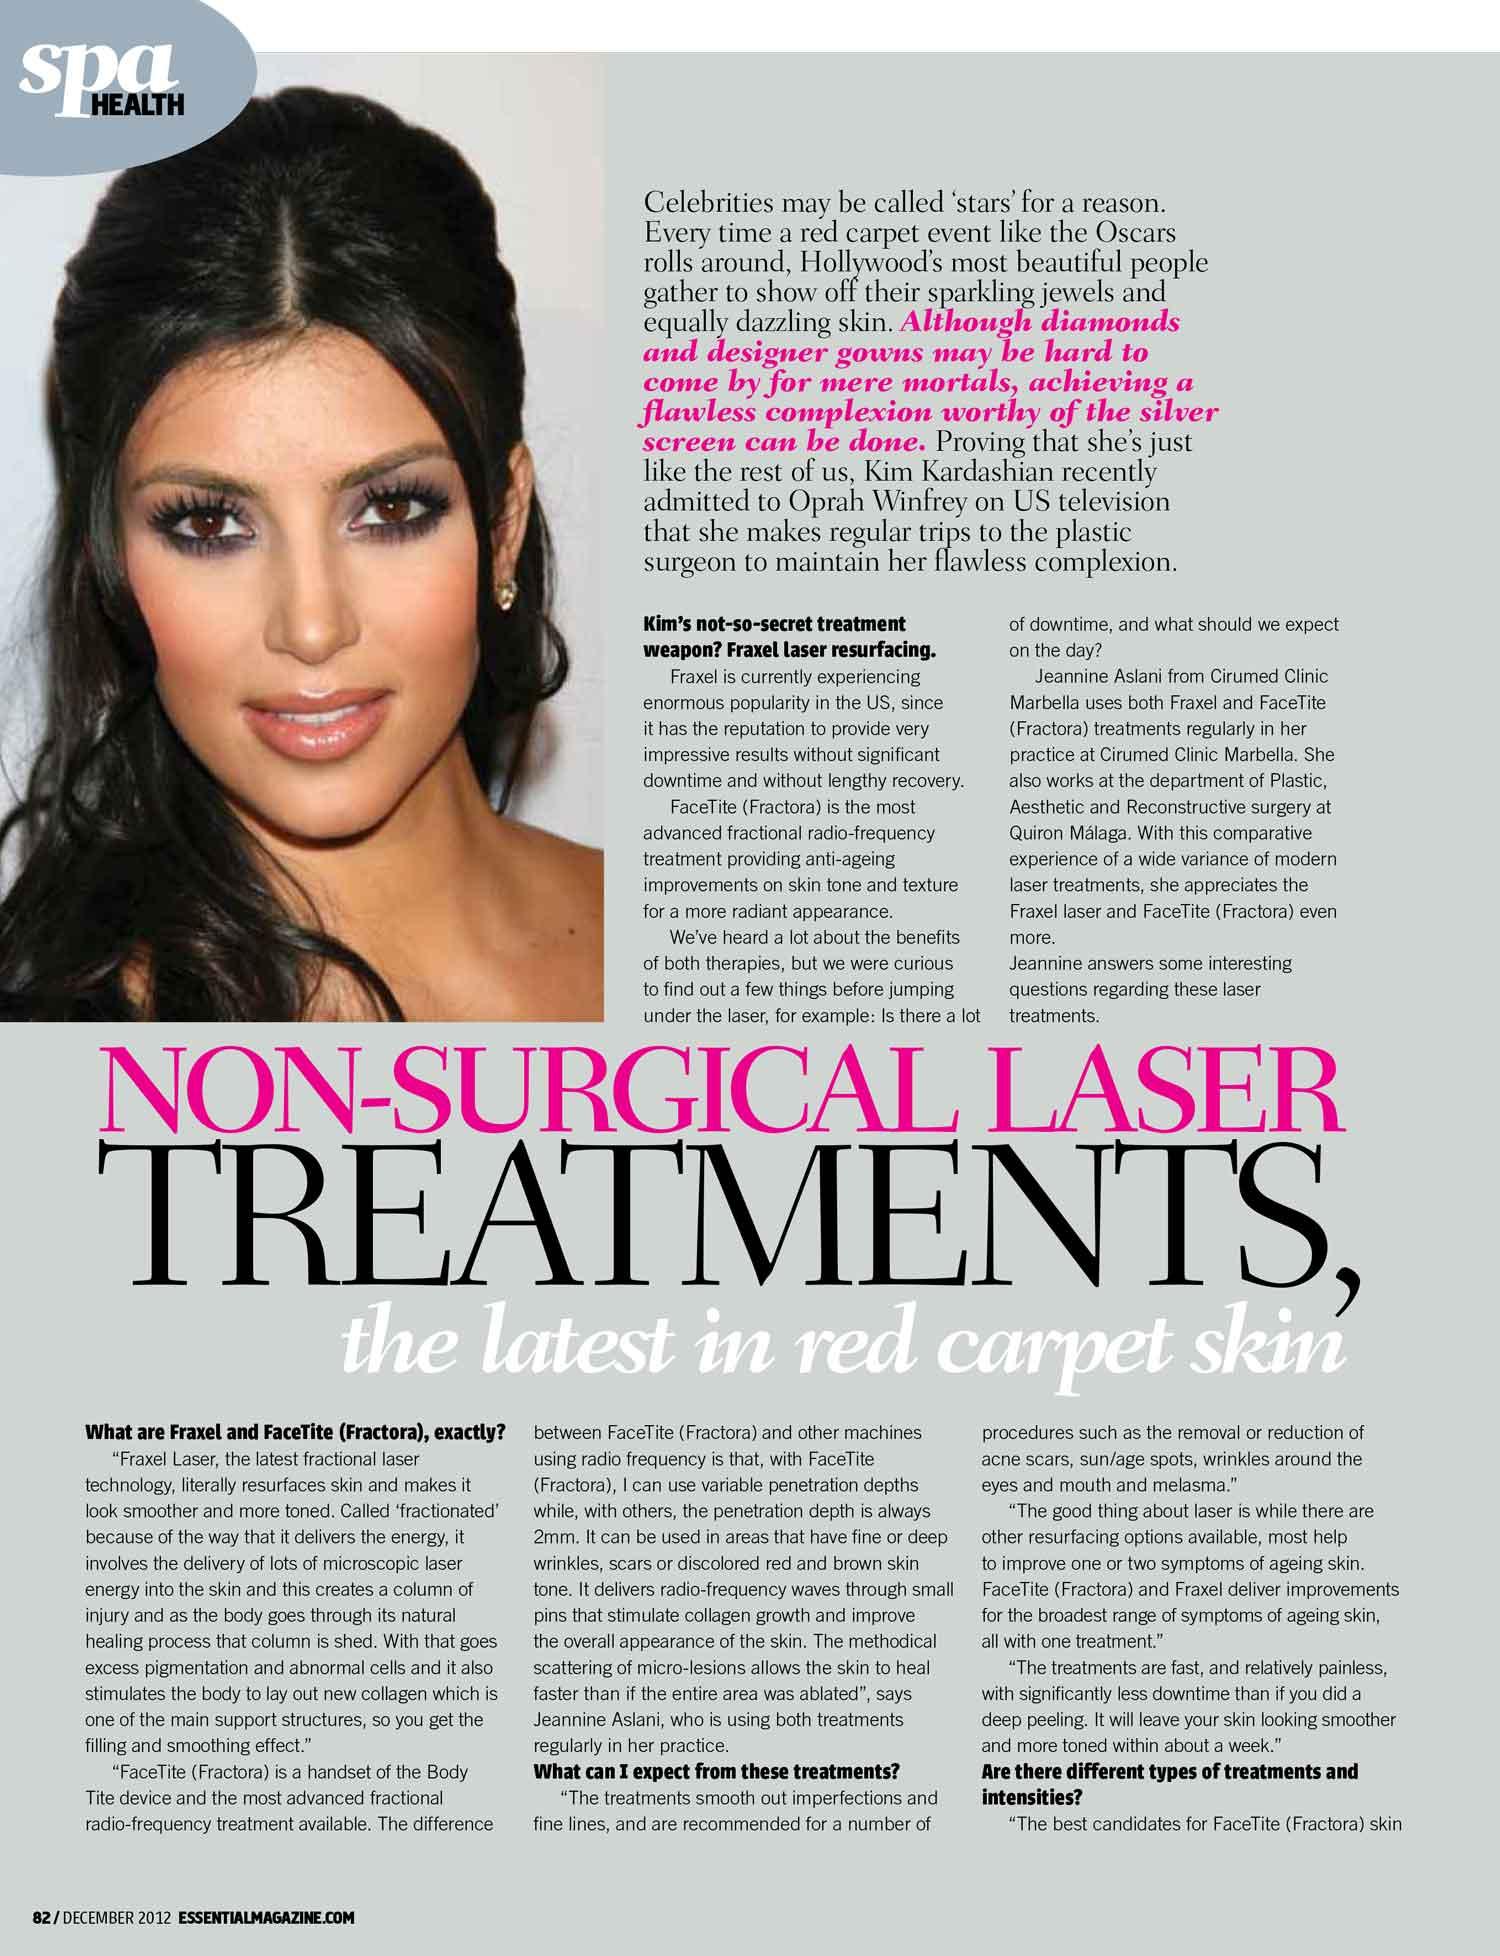 kim-kardashian-skin-treatment-cirumed-clinic